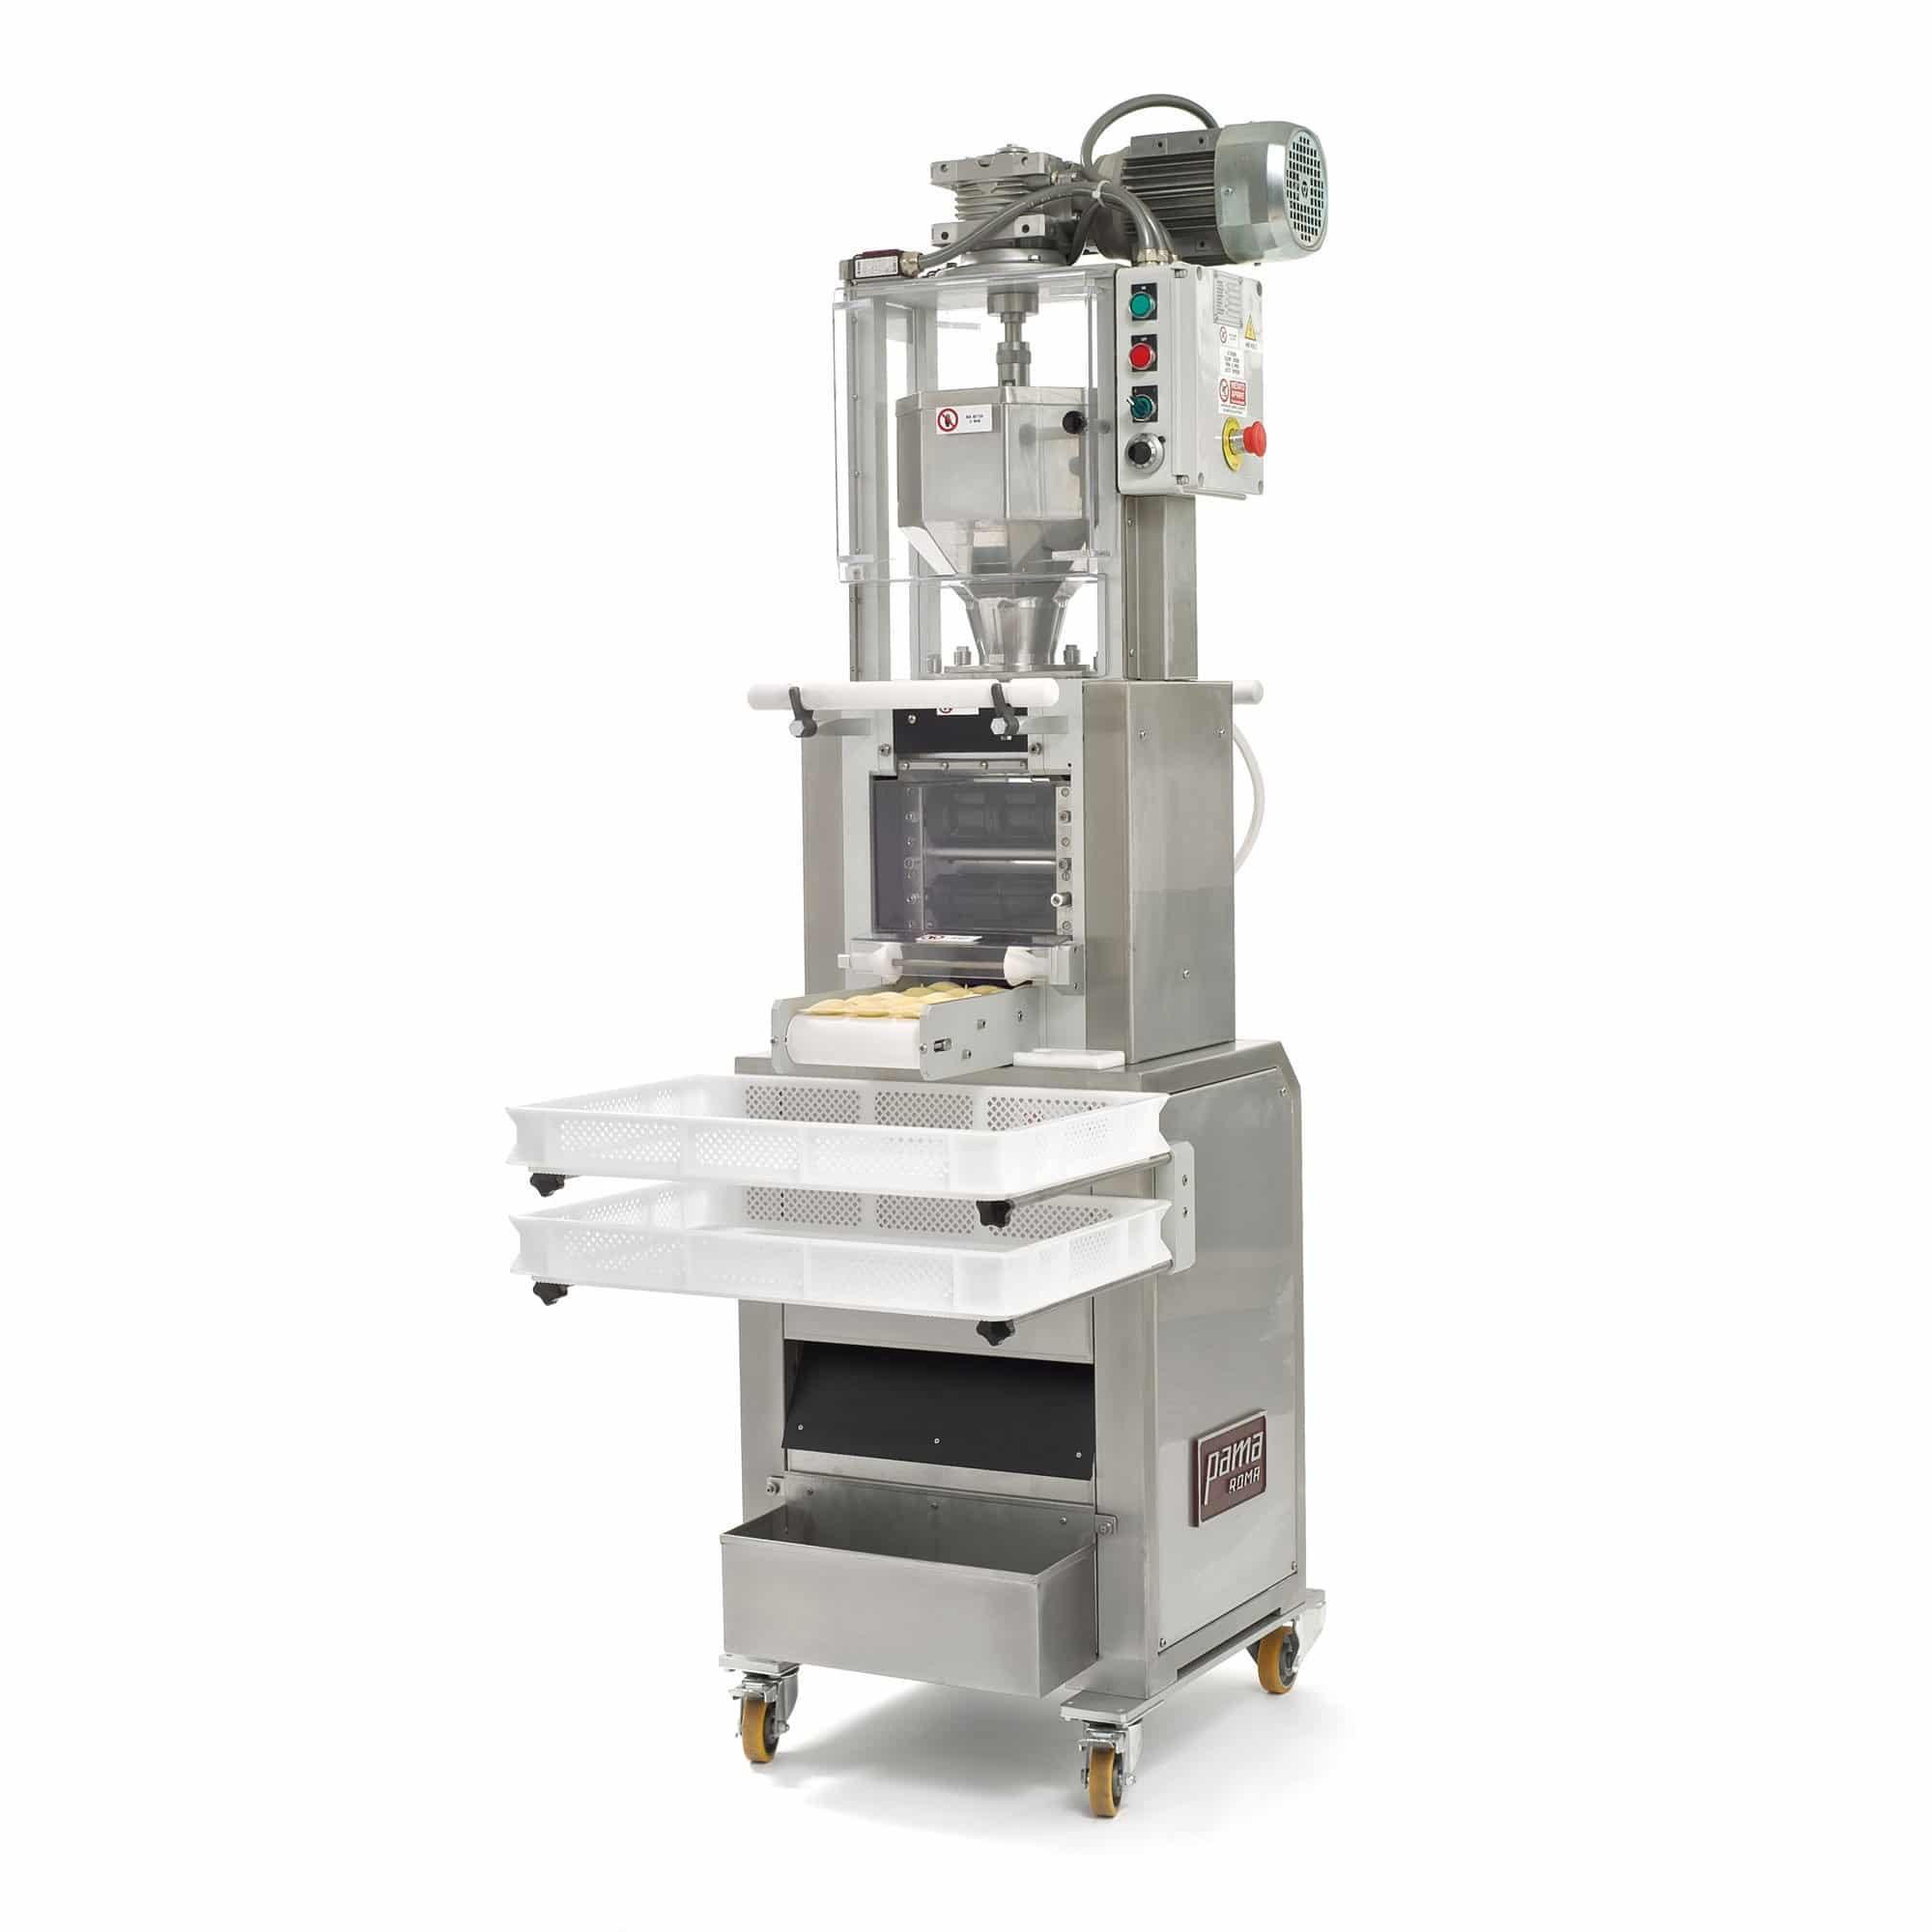 Raviolatrice per laboratorio artigianale pasta fresca